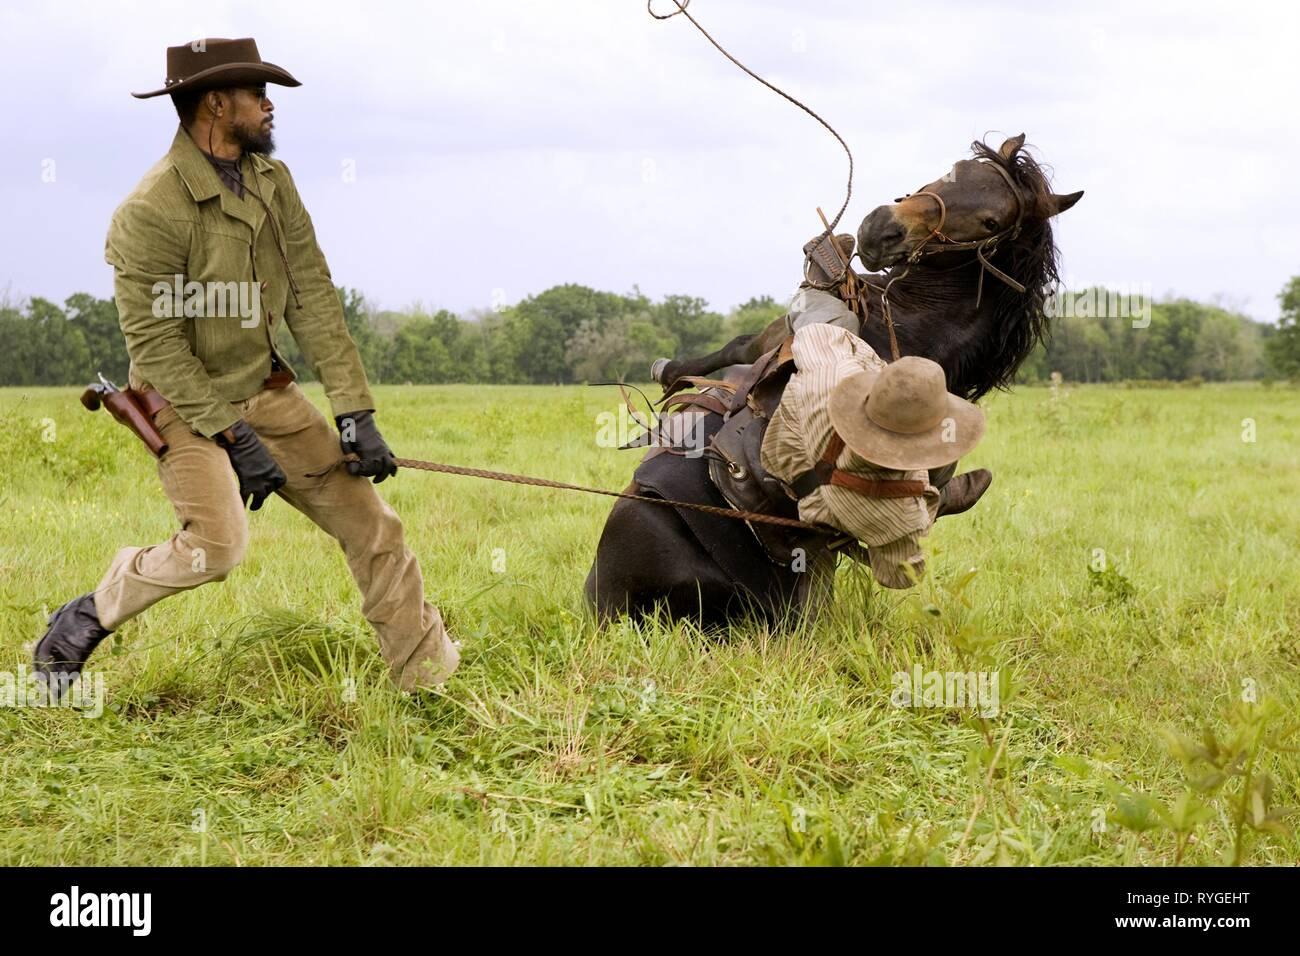 Jamie Foxx Django Unchained 2012 Stock Photo Alamy